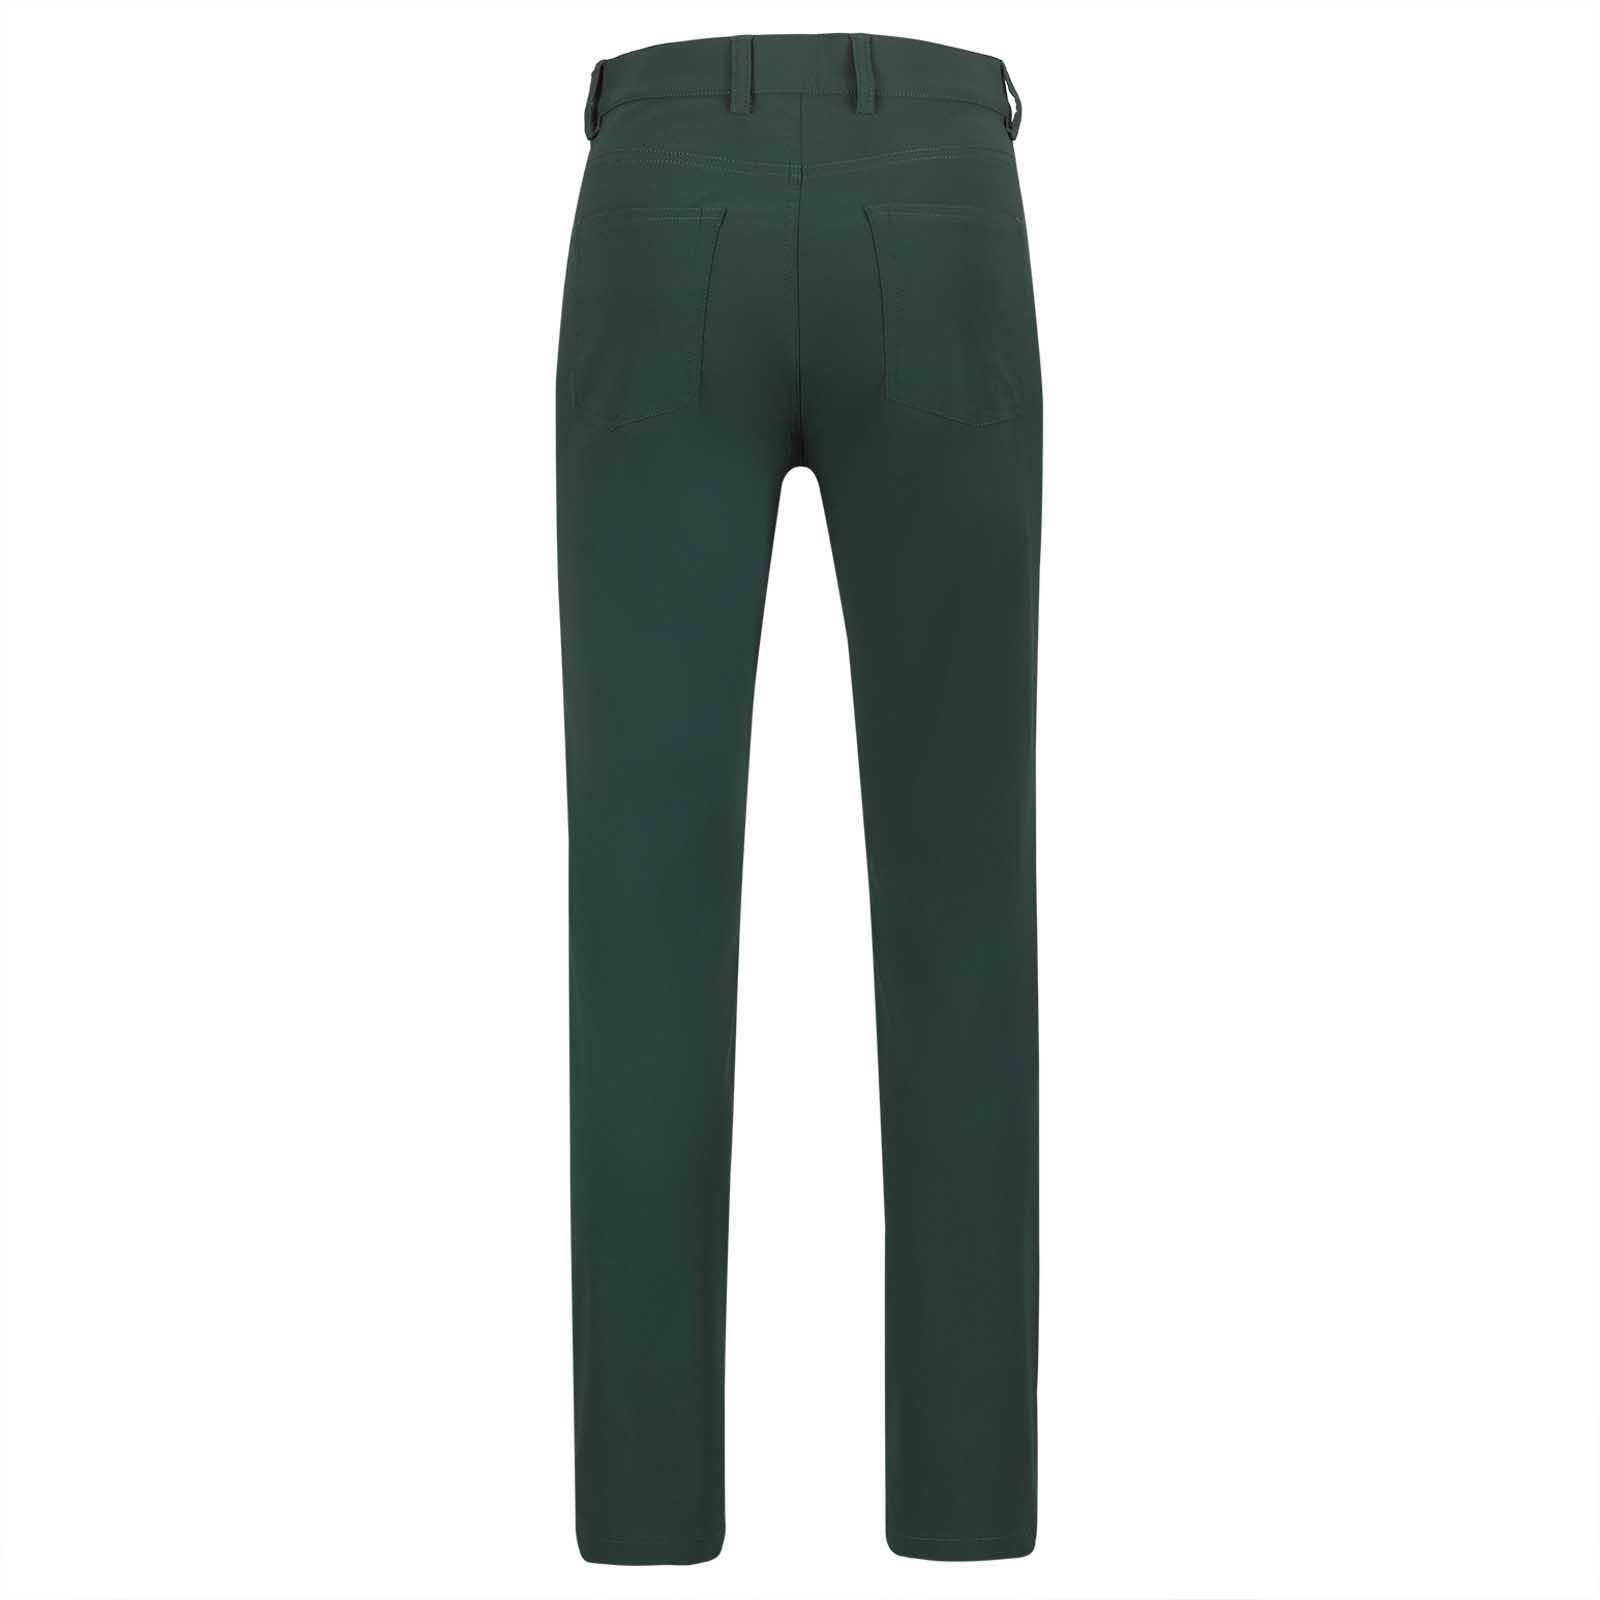 Damen 7/8 Golfhose aus Techno-Stretch mit Cold Protection und UV-Schutz